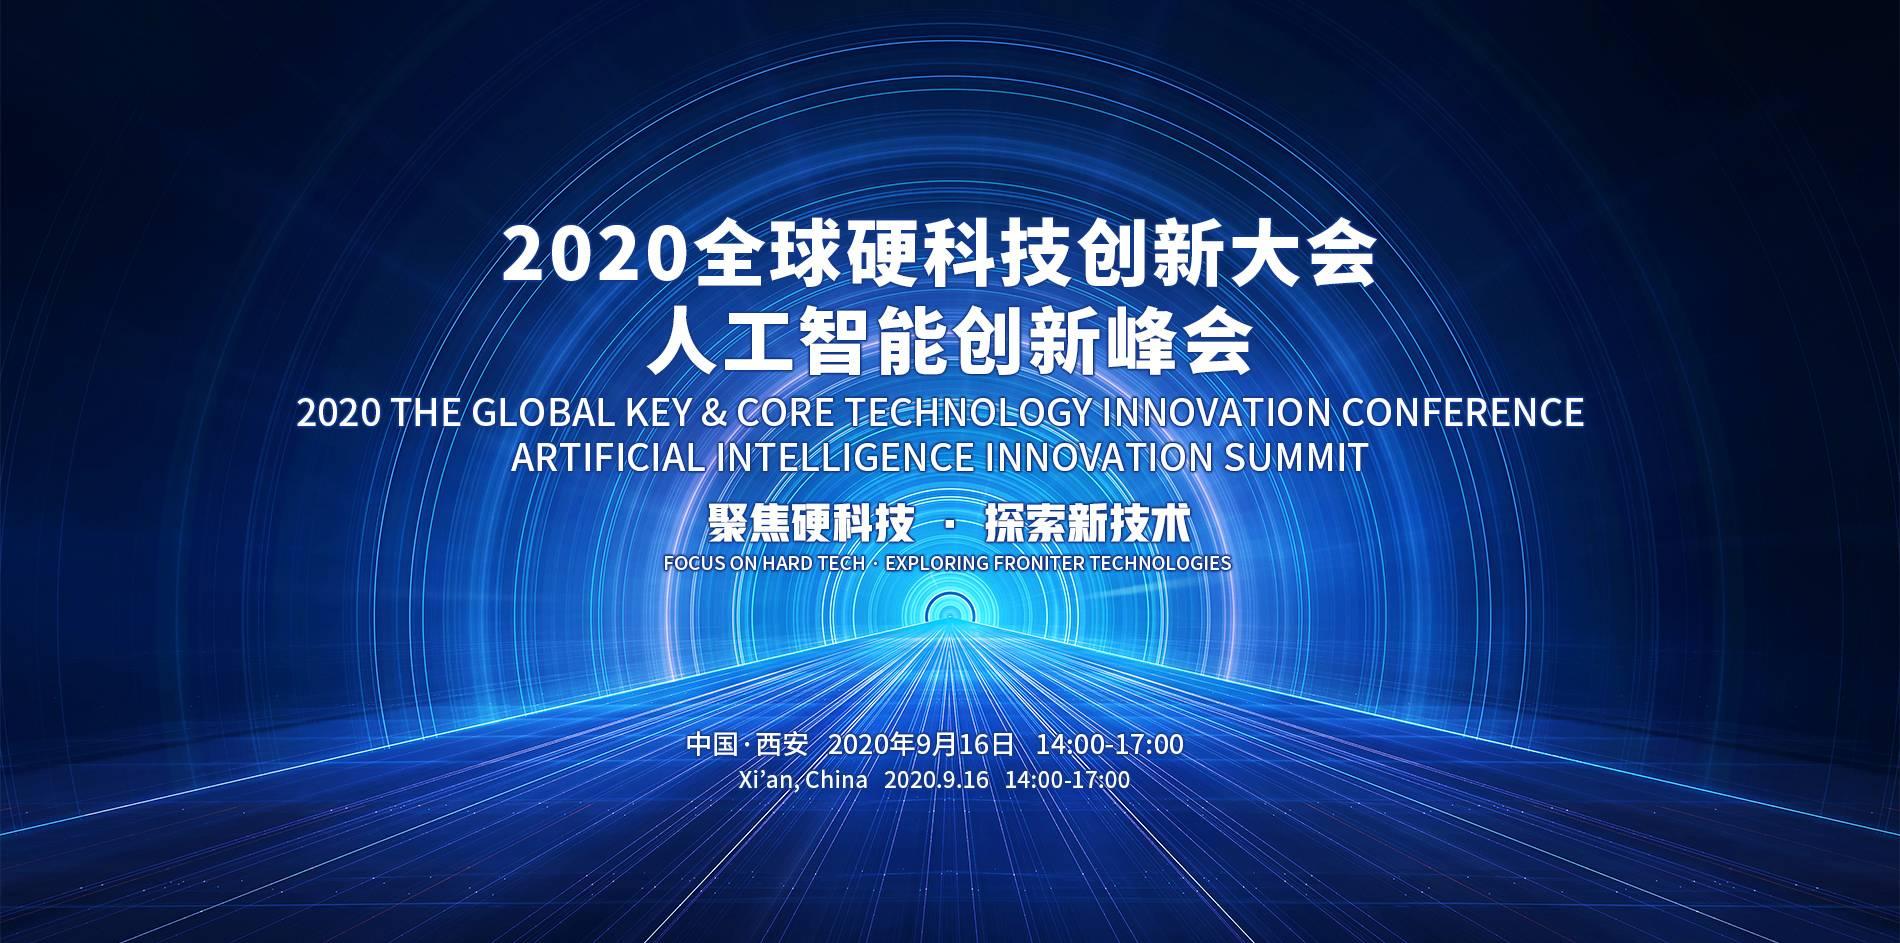 【活動】2020全球硬科技創新大會 人工智能創新峰會-億歐